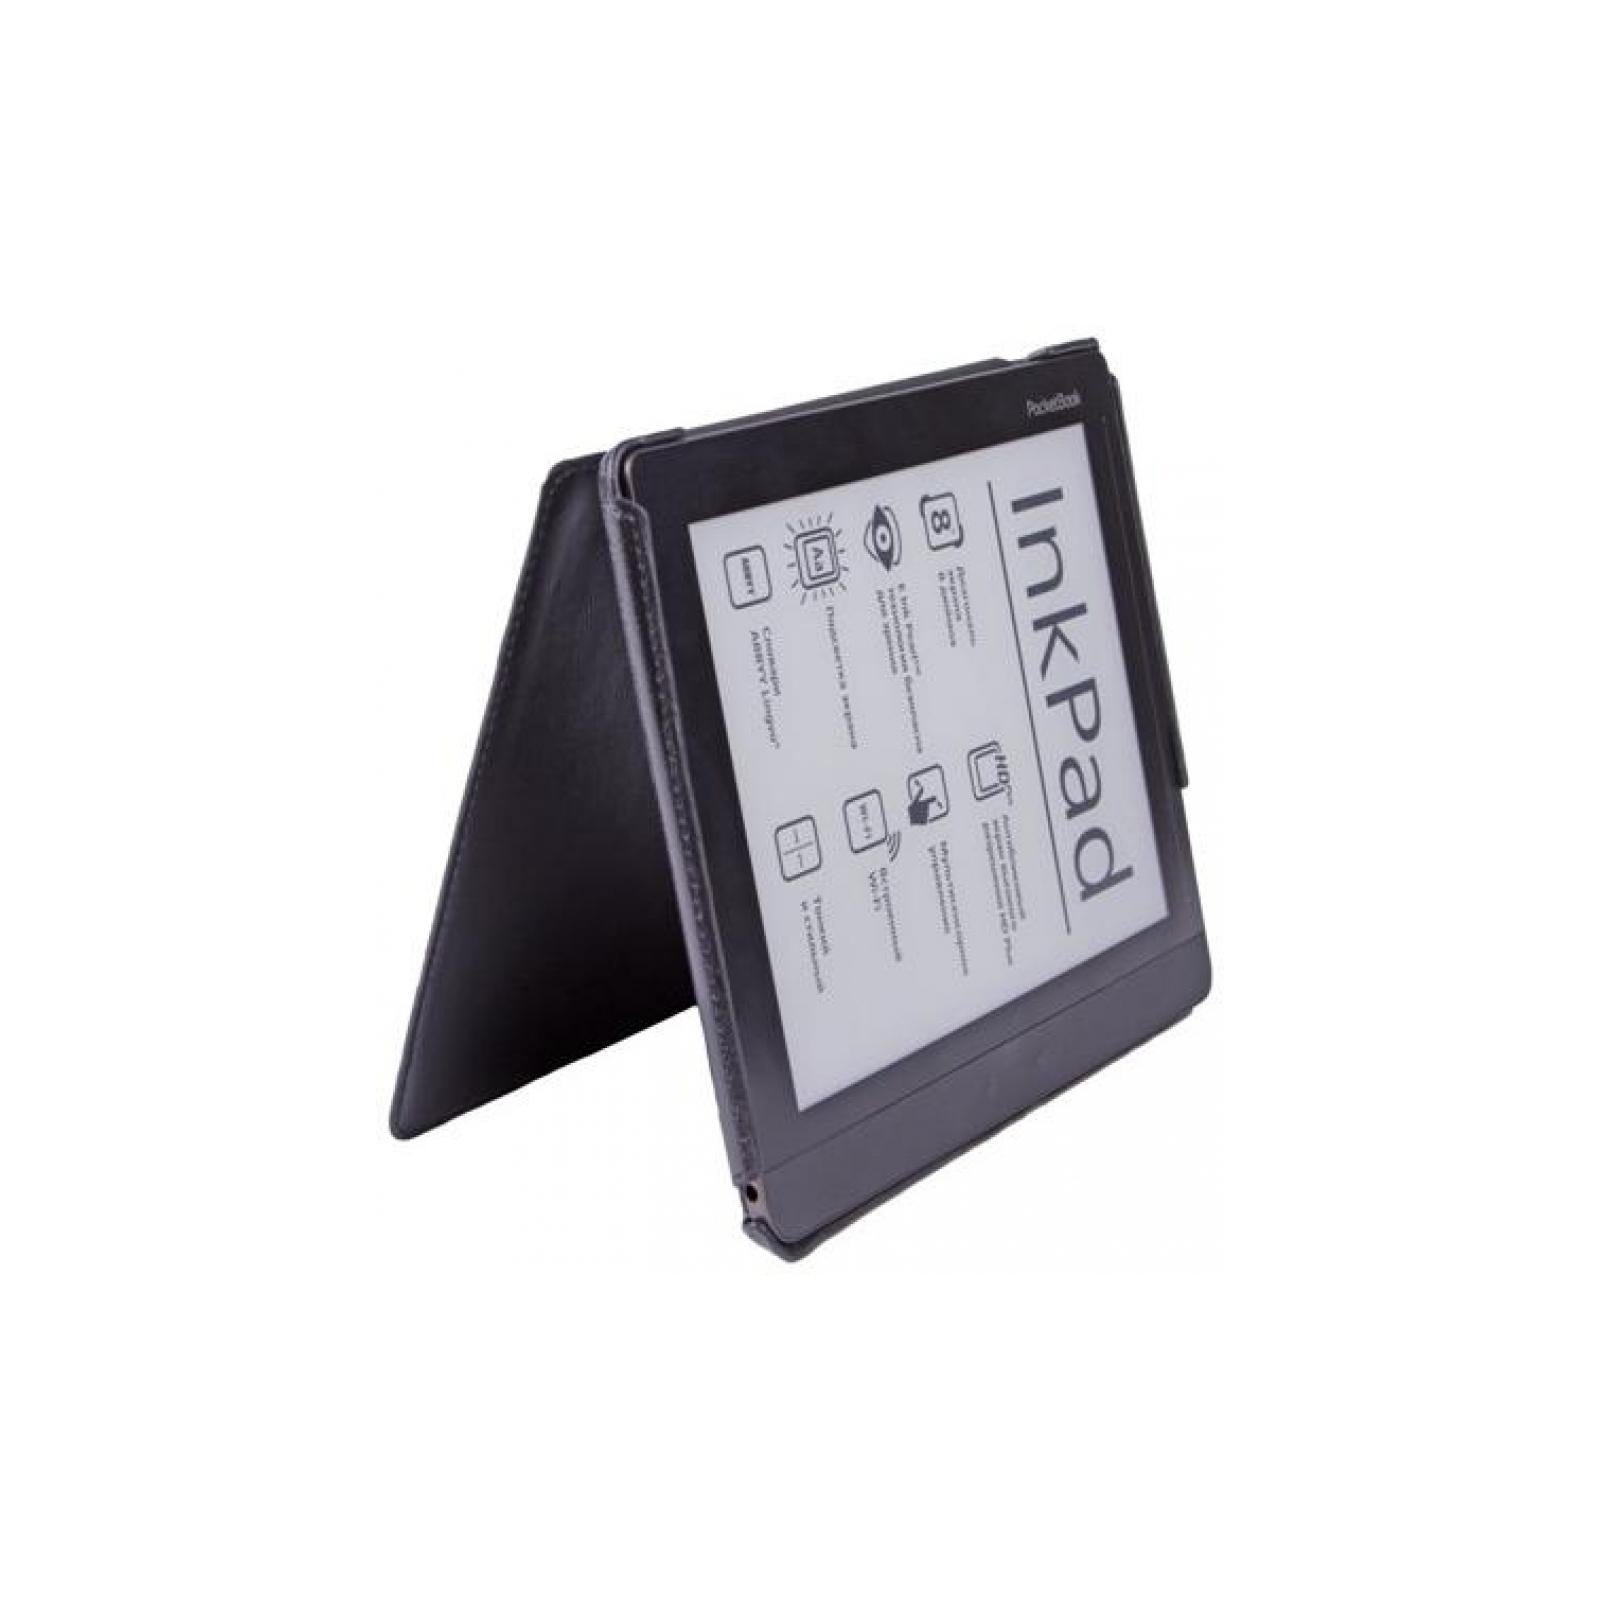 Чехол для электронной книги AirOn для PocketBook 840 (4821784622003) изображение 6